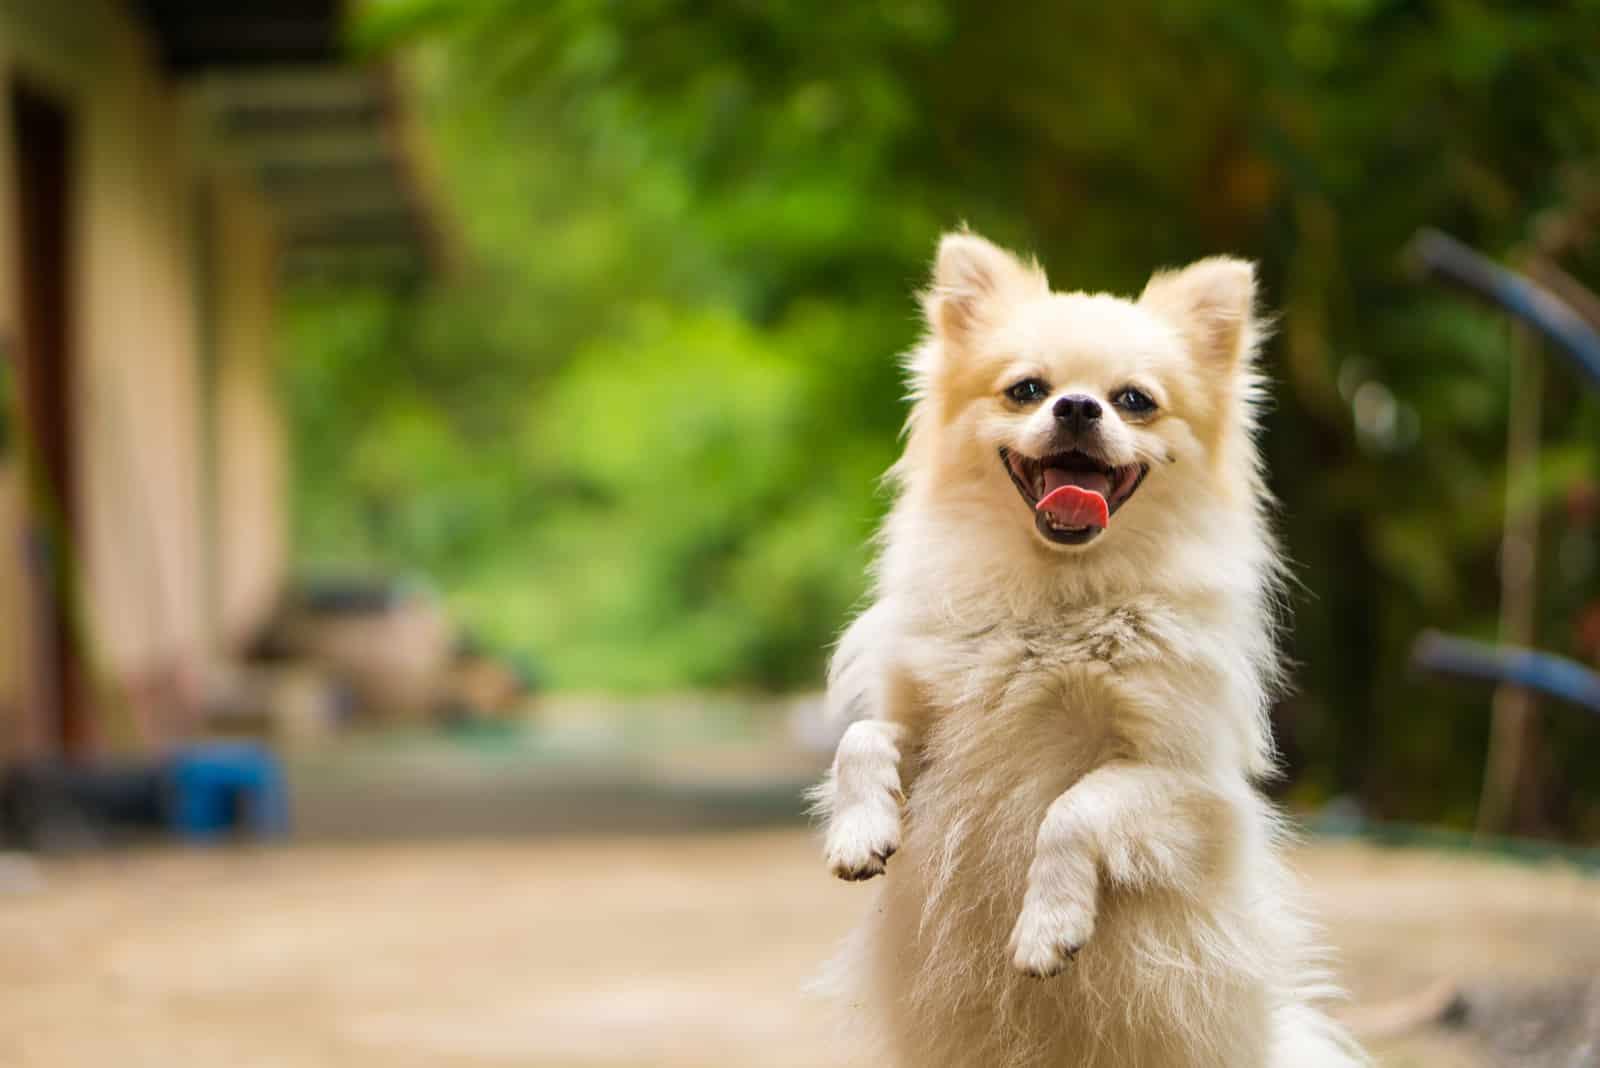 Der glückliche Hund steht auf seinen Hinterpfoten